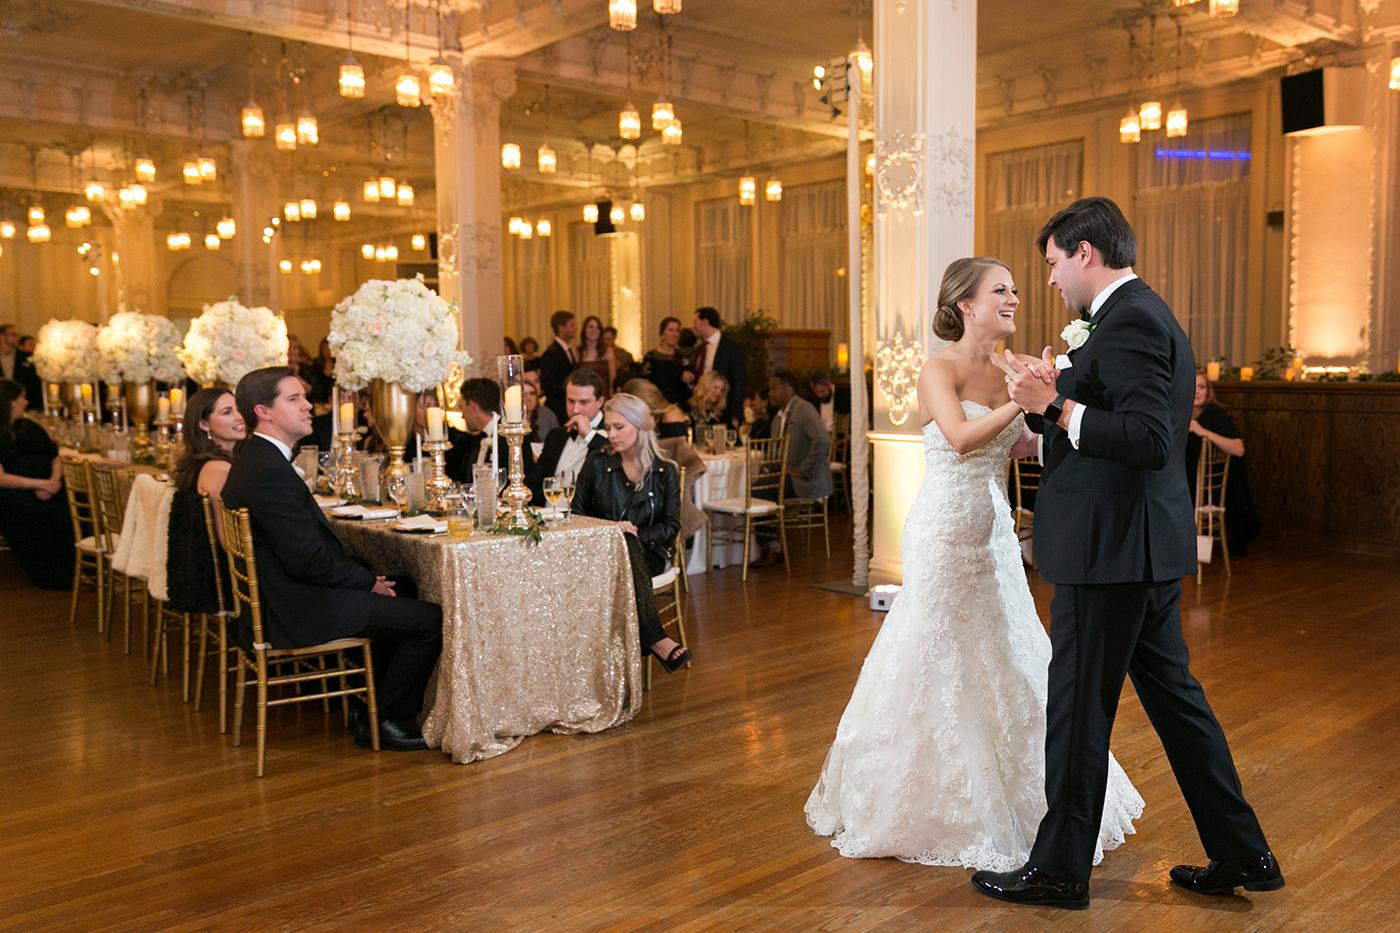 Dallas Wedding Planner - Allday Events - Classic Wedding at Dallas Scottish Rite - 347.jpg